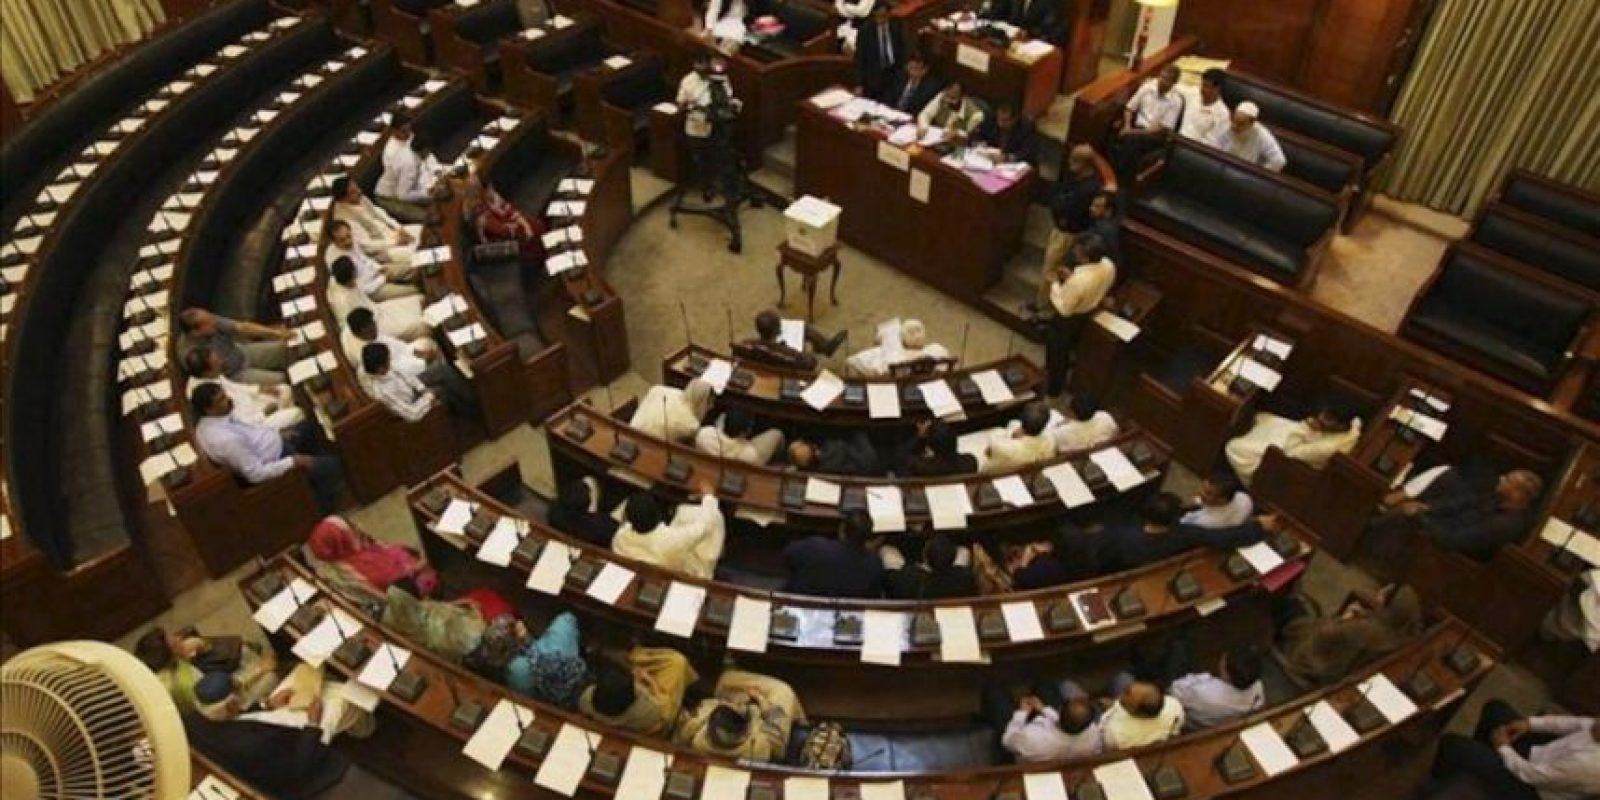 Miembros de la Asamblea Provincial de Sindh emiten sus votos para las elecciones presidenciales en Karachi (Pakistán). EFE